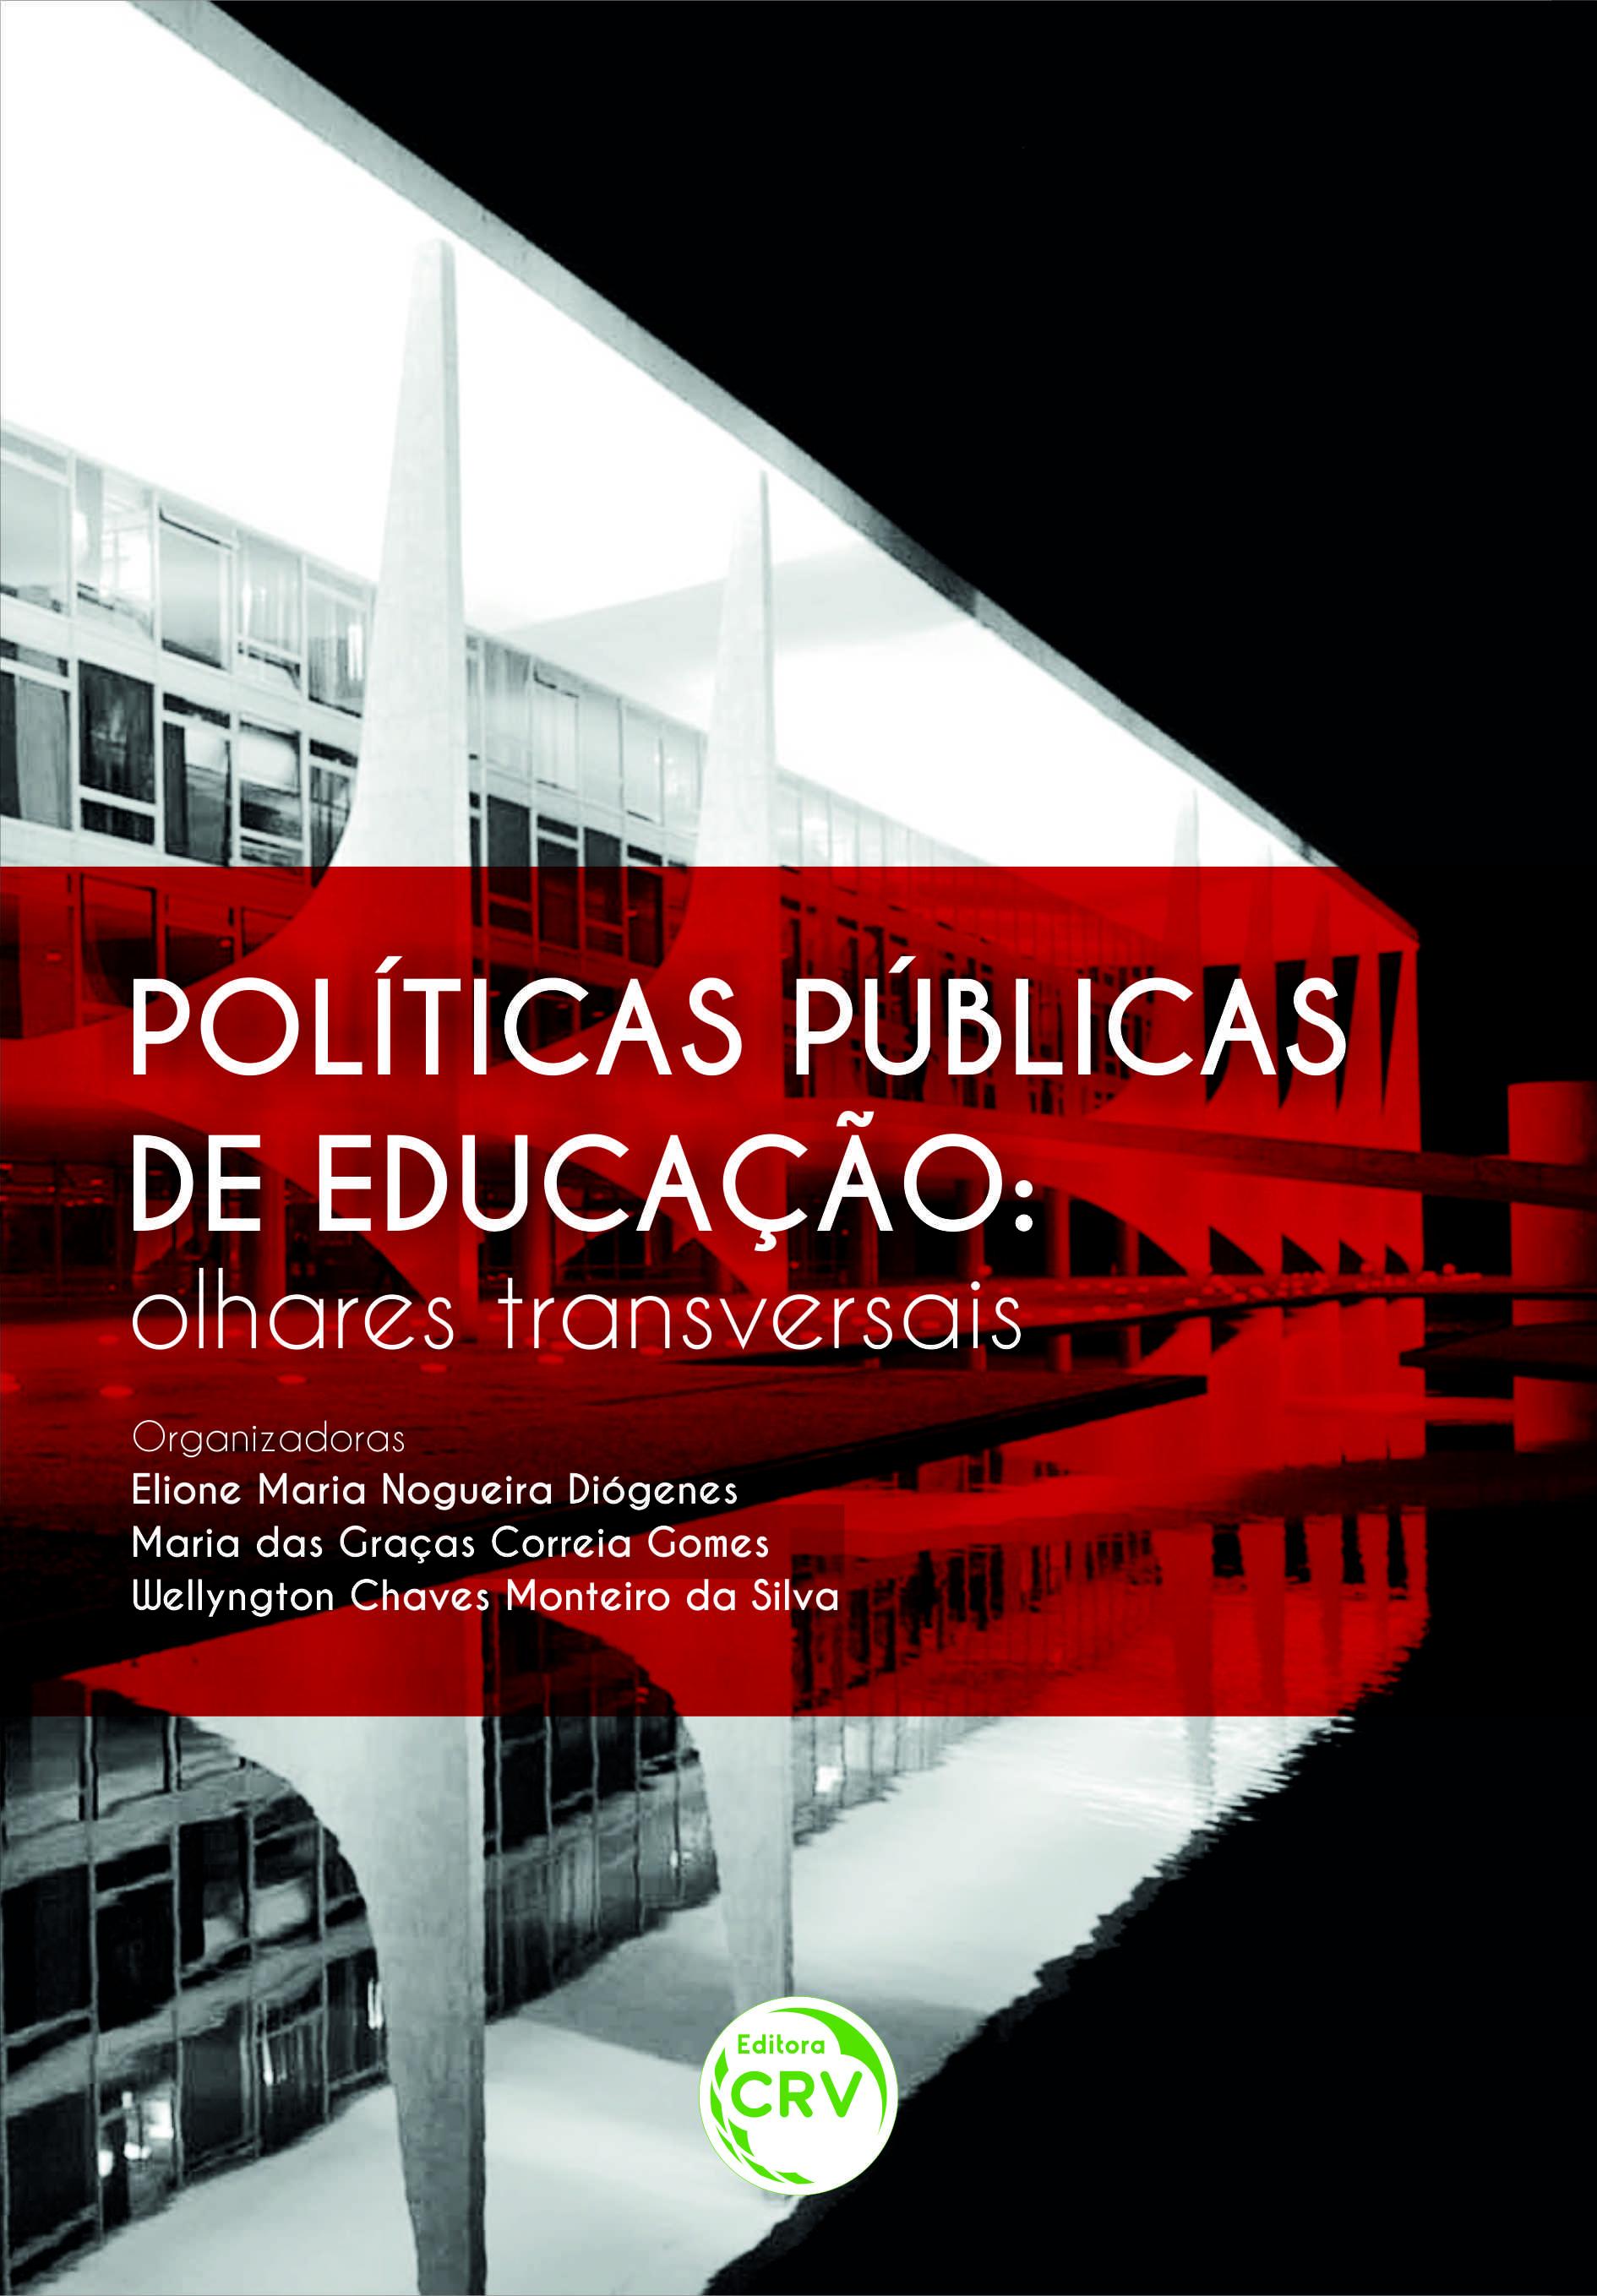 Capa do livro: POLÍTICAS PÚBLICAS DE EDUCAÇÃO:<br>olhares transversais